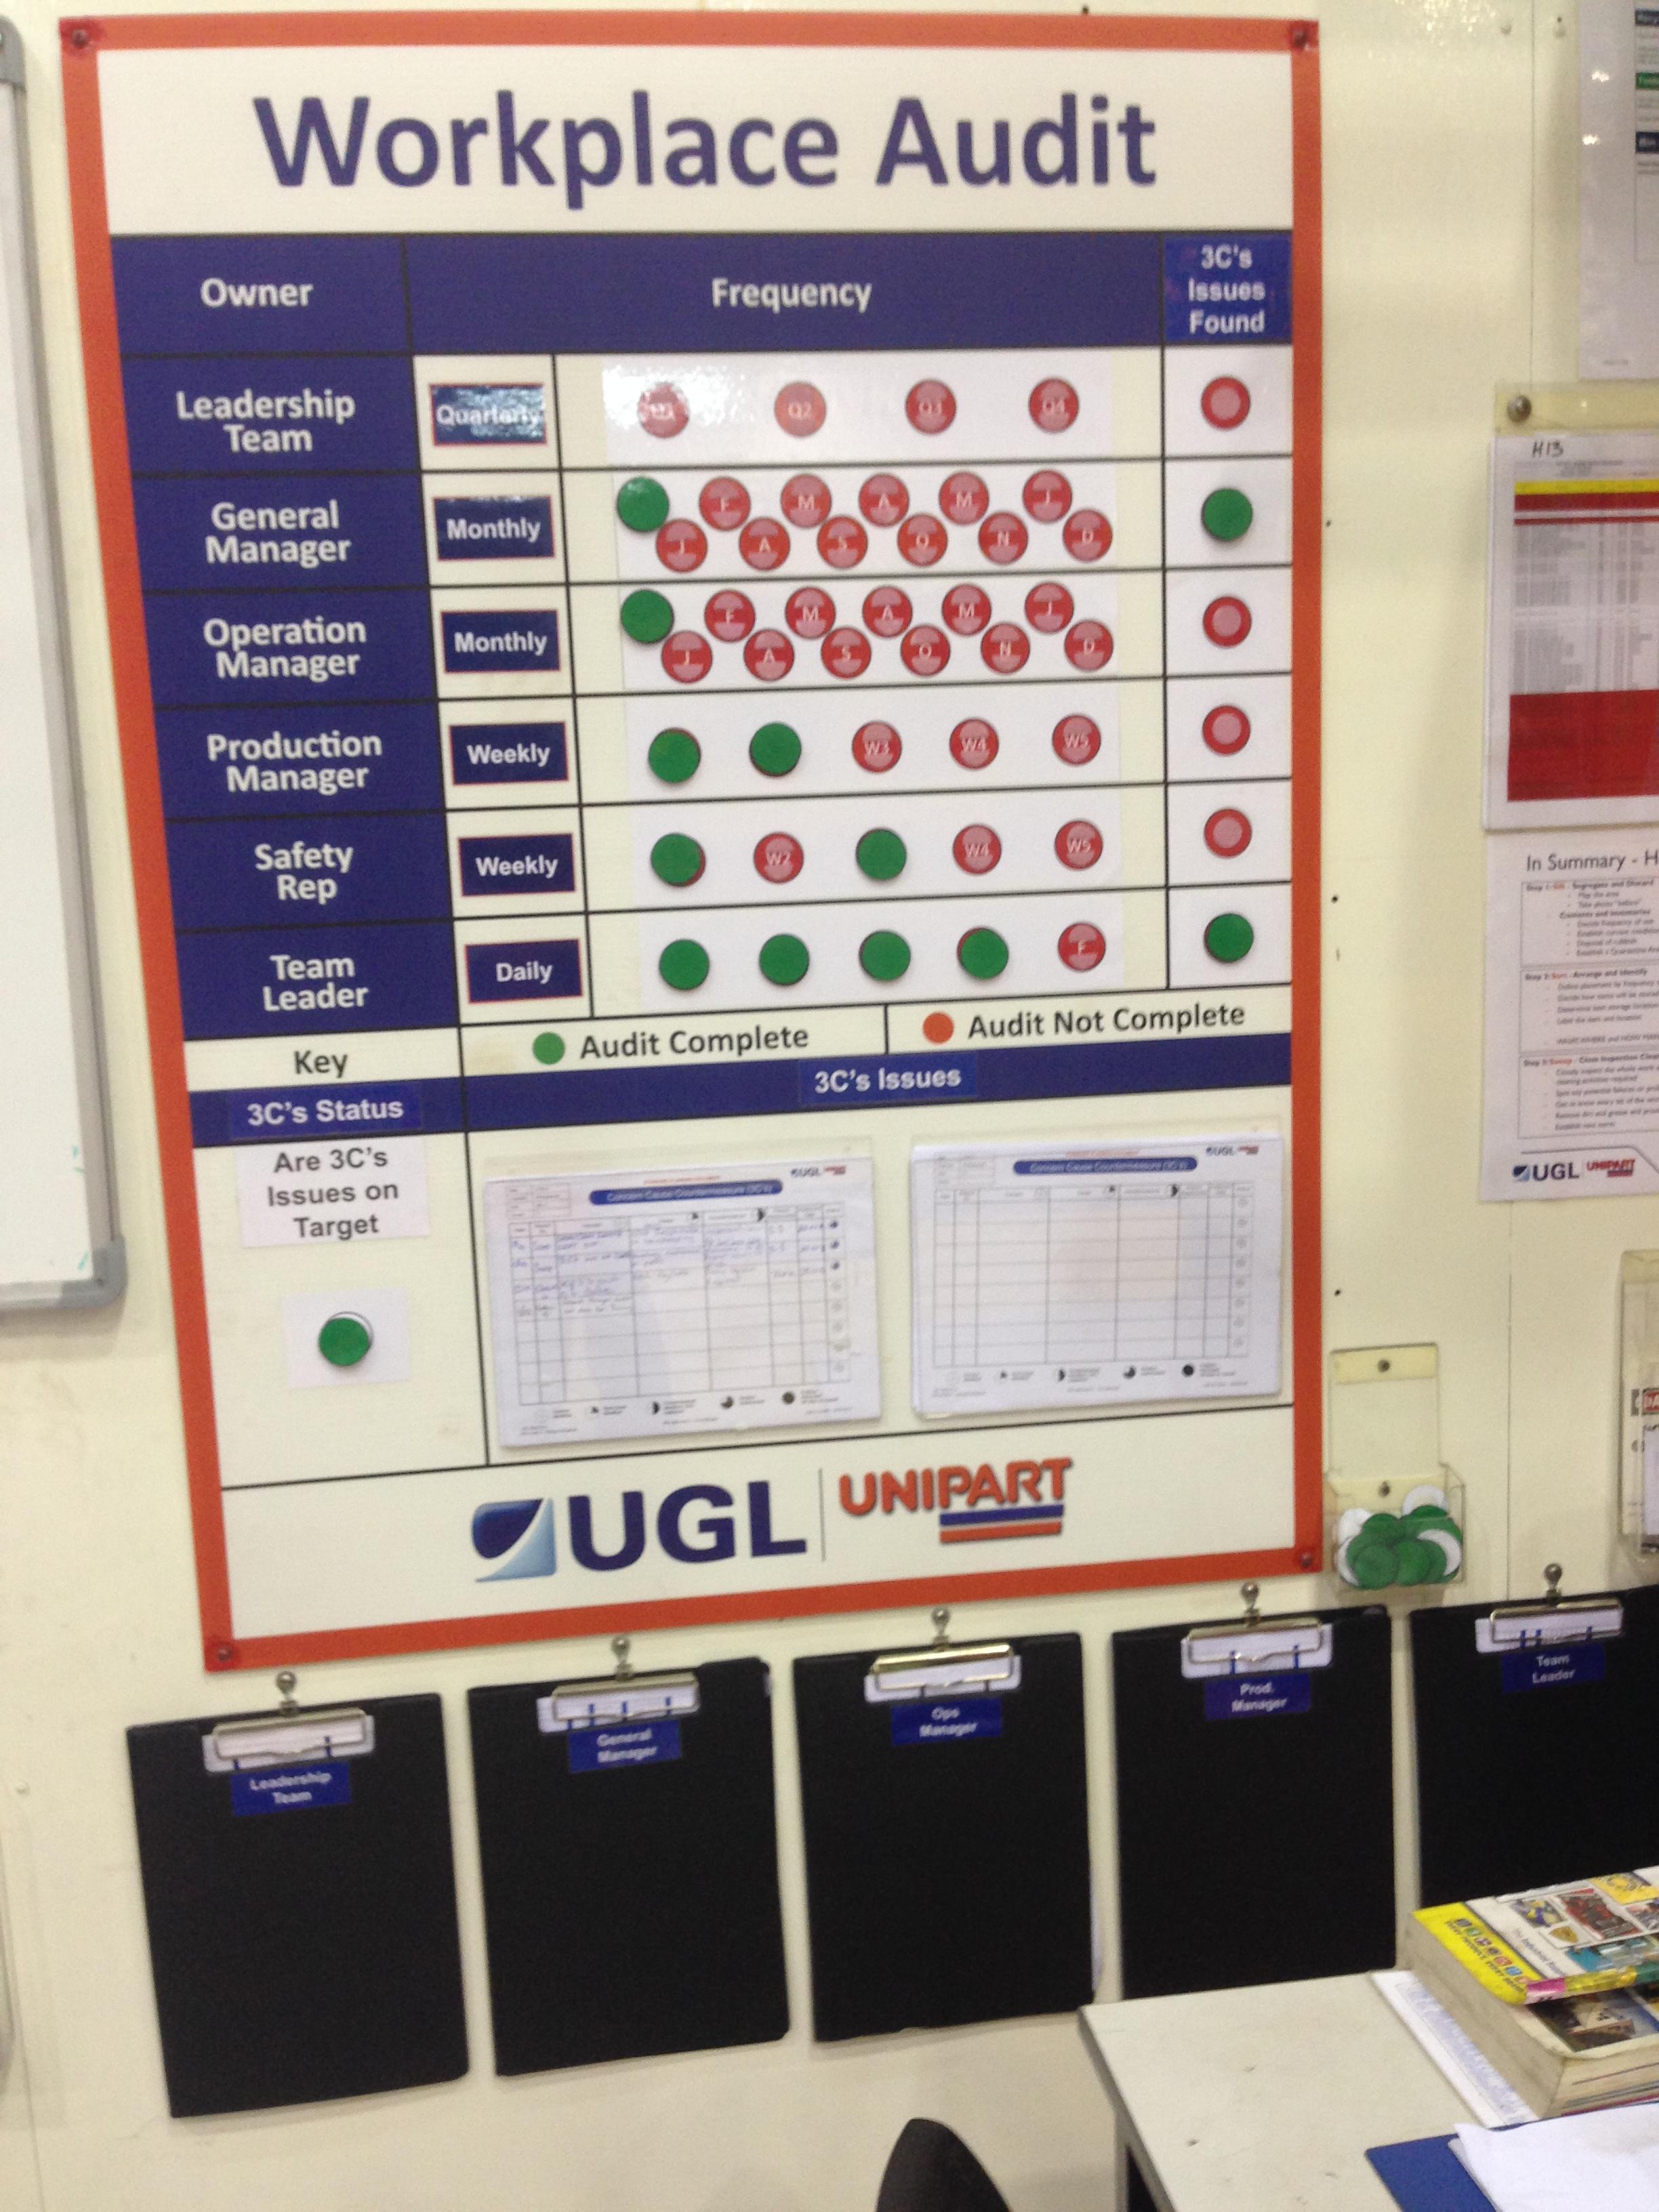 UGL Unipart